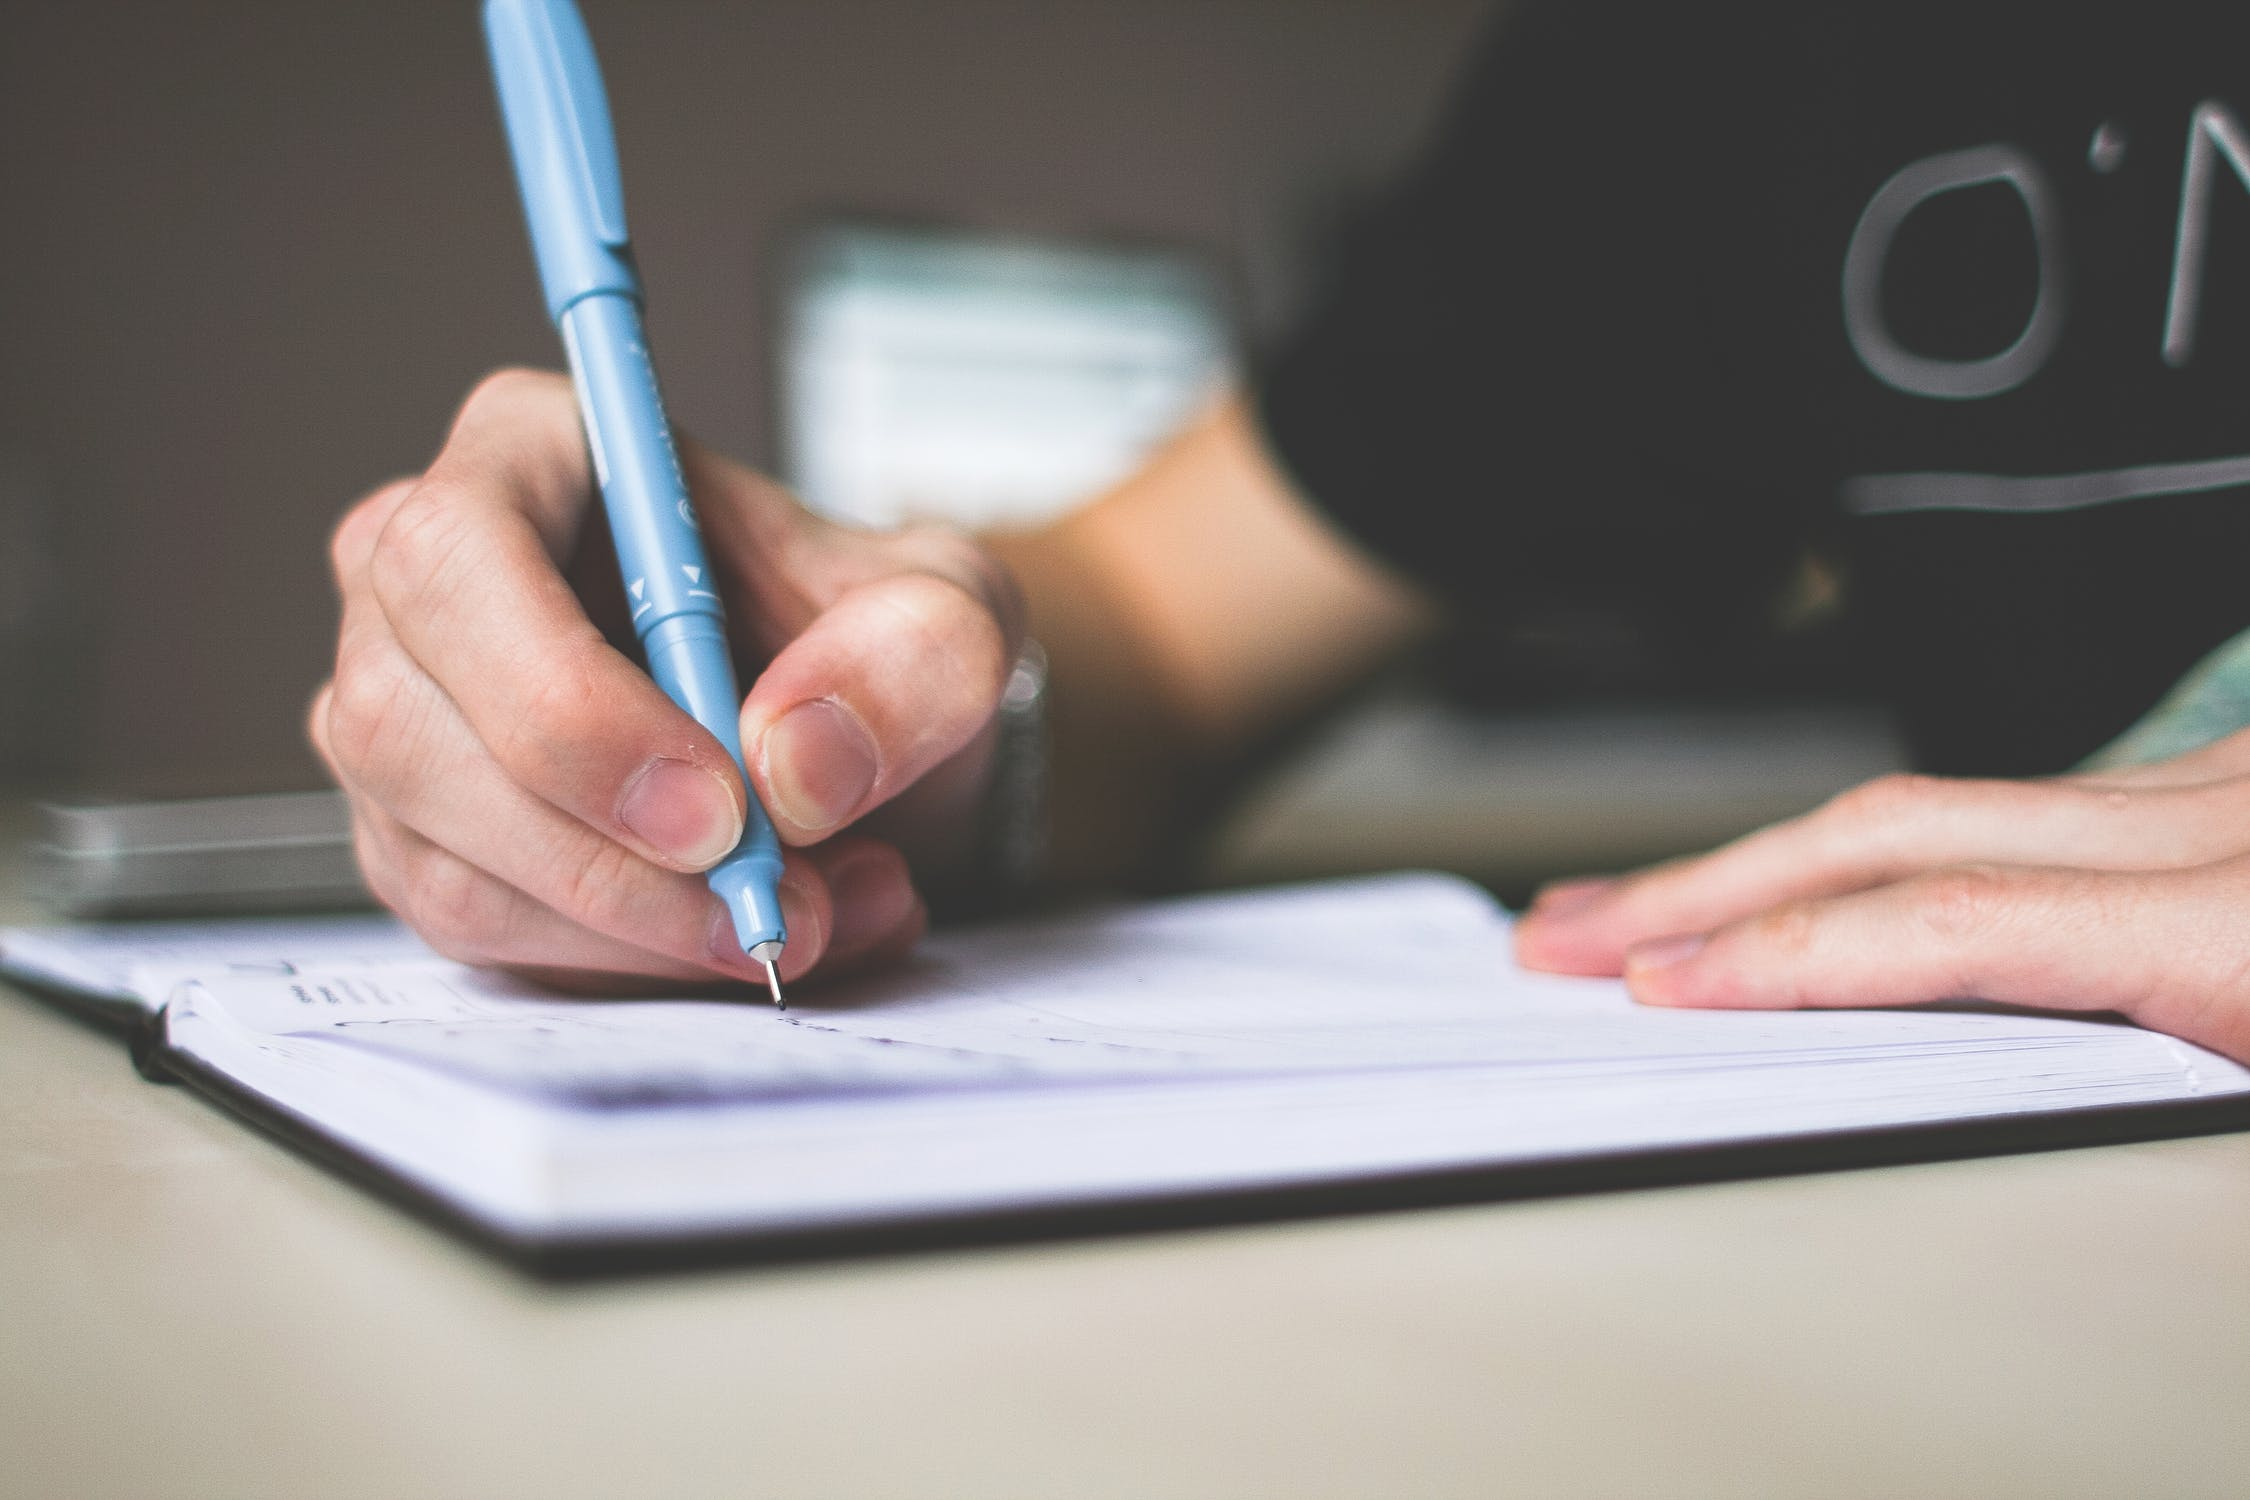 nie zawsze umowa deweloperska przyznaje konsumentowi prawo do odstąpienia od umowy w przypadku nieuzyskania kredyt